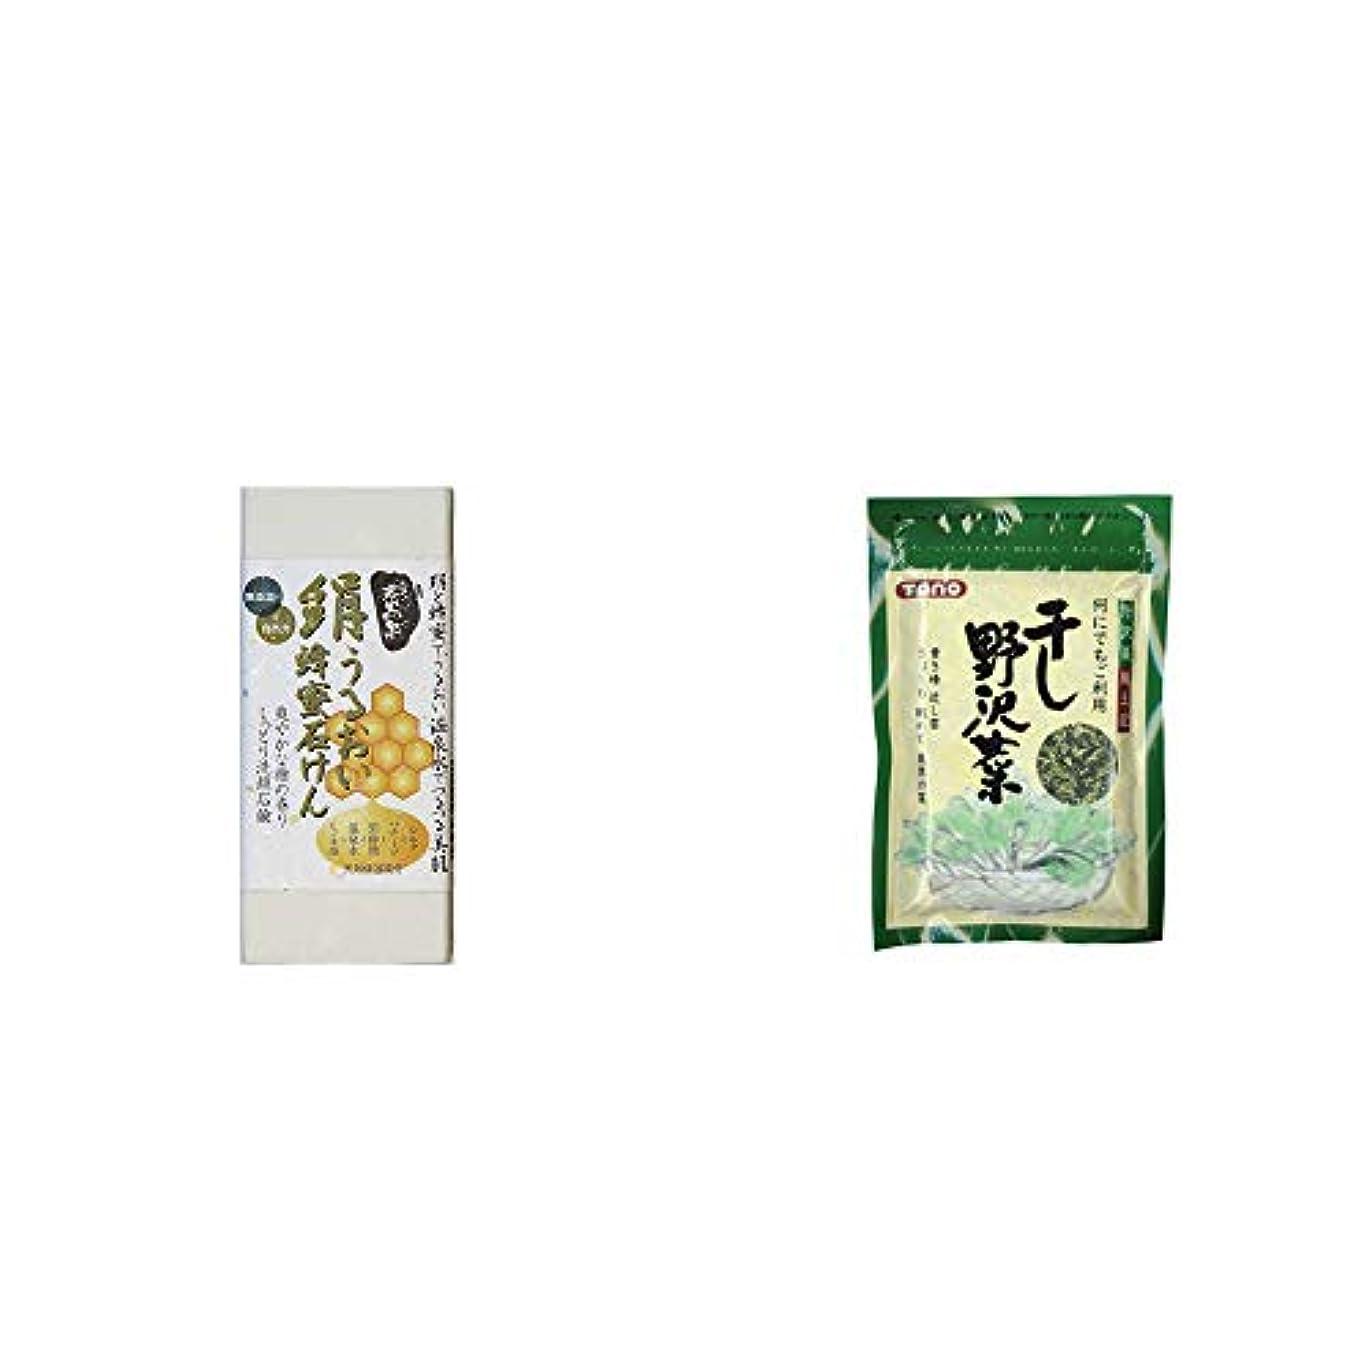 振る舞うコードシティ[2点セット] ひのき炭黒泉 絹うるおい蜂蜜石けん(75g×2)?干し野沢菜(100g)